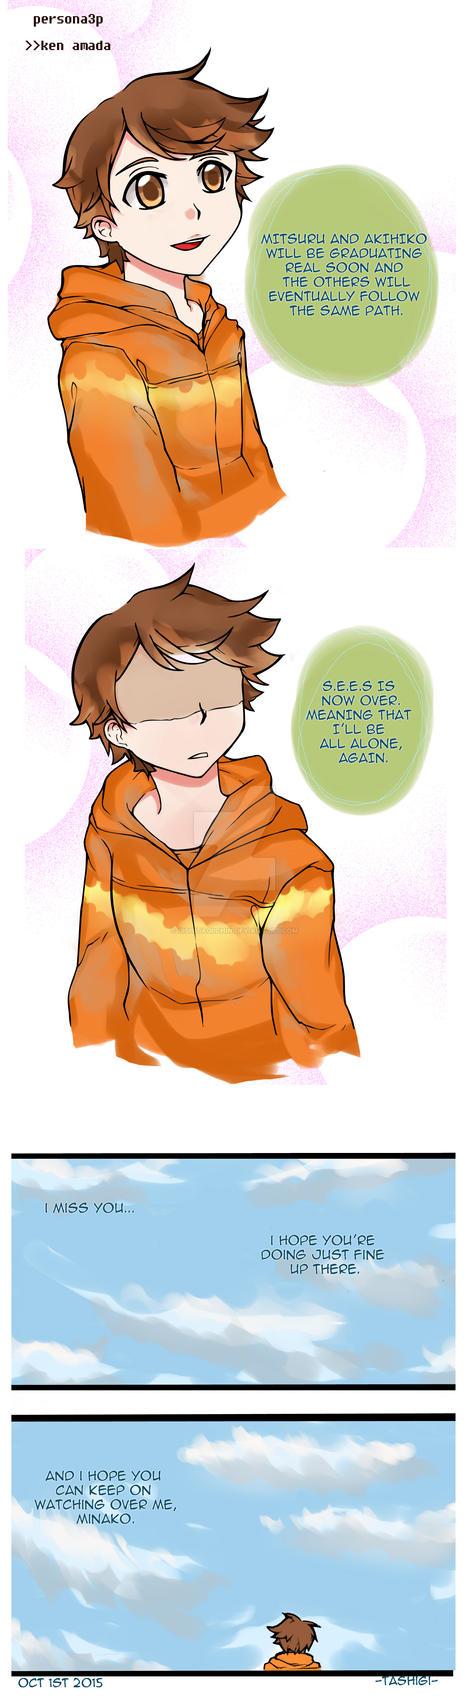 Ken's sadness by GishitaGiichin